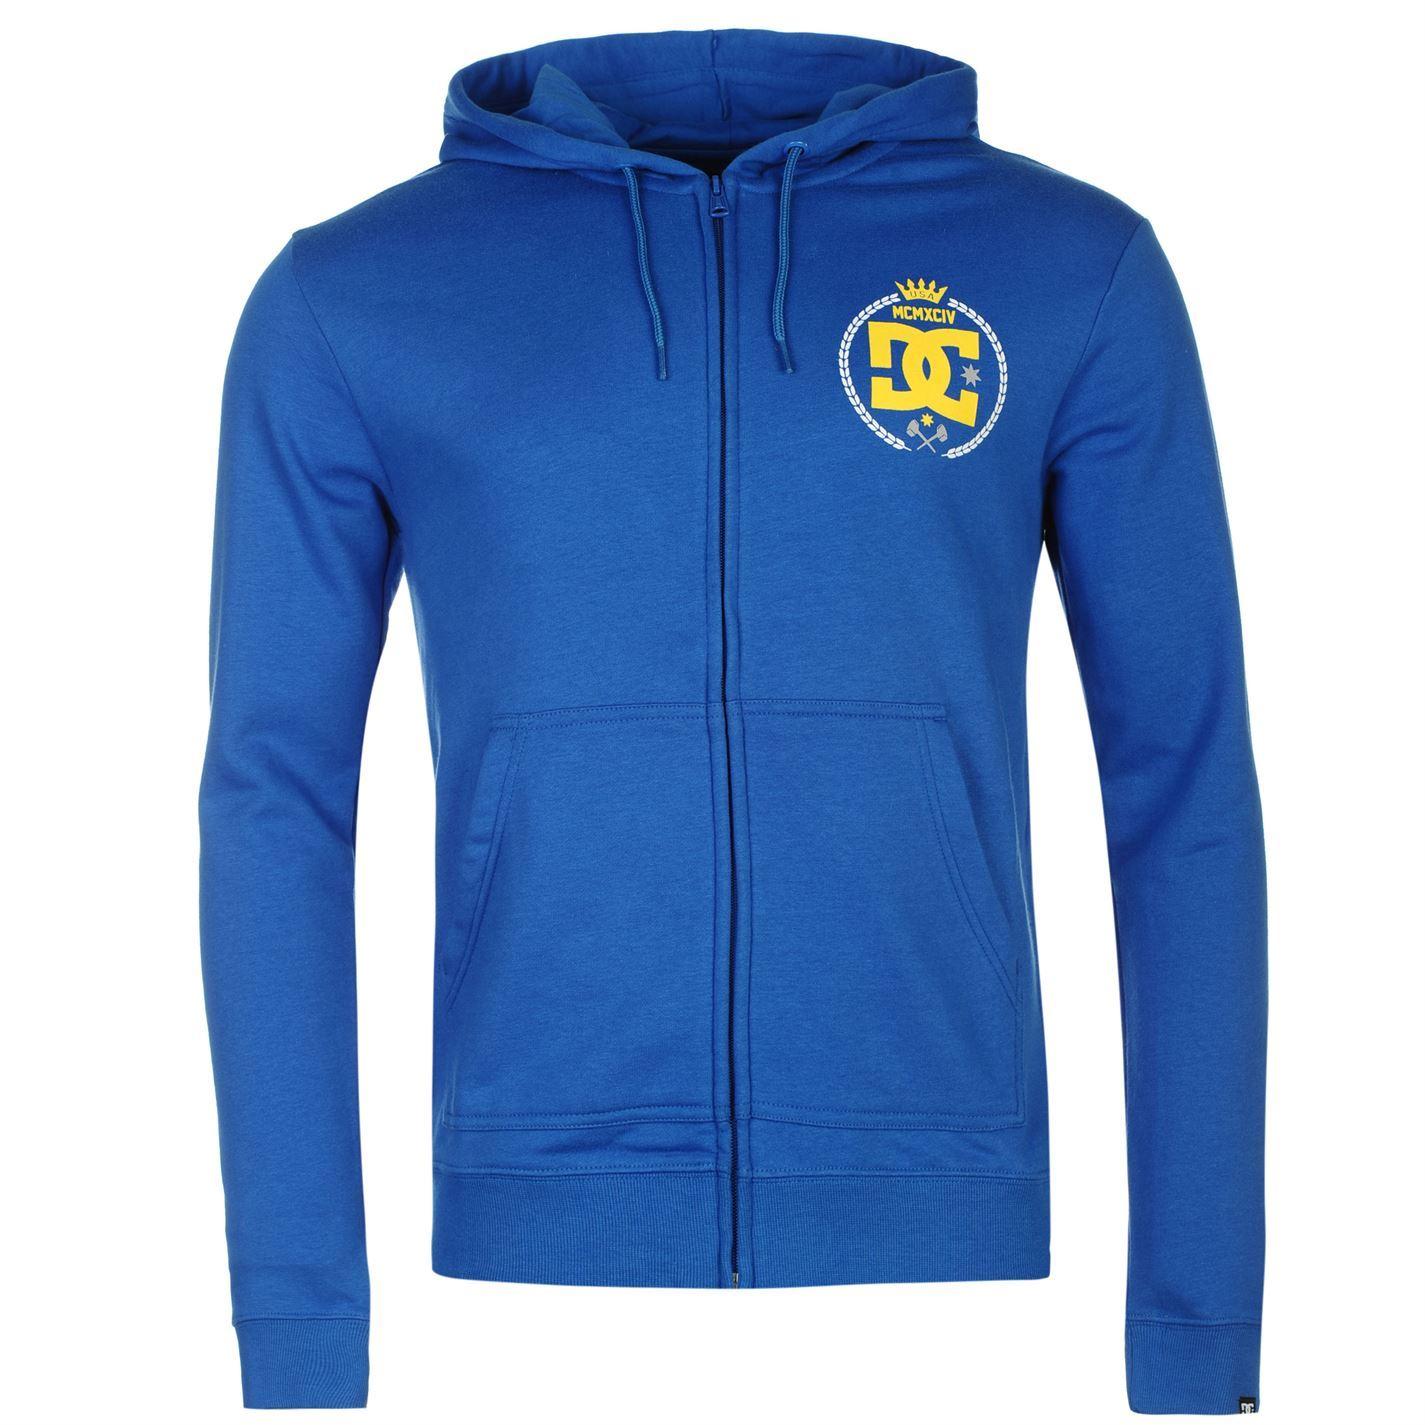 DC-Shoe-Co-Sledge-Full-Zip-Hoody-Jacket-Mens-Hoodie-Sweatshirt-Sweater-Top thumbnail 8